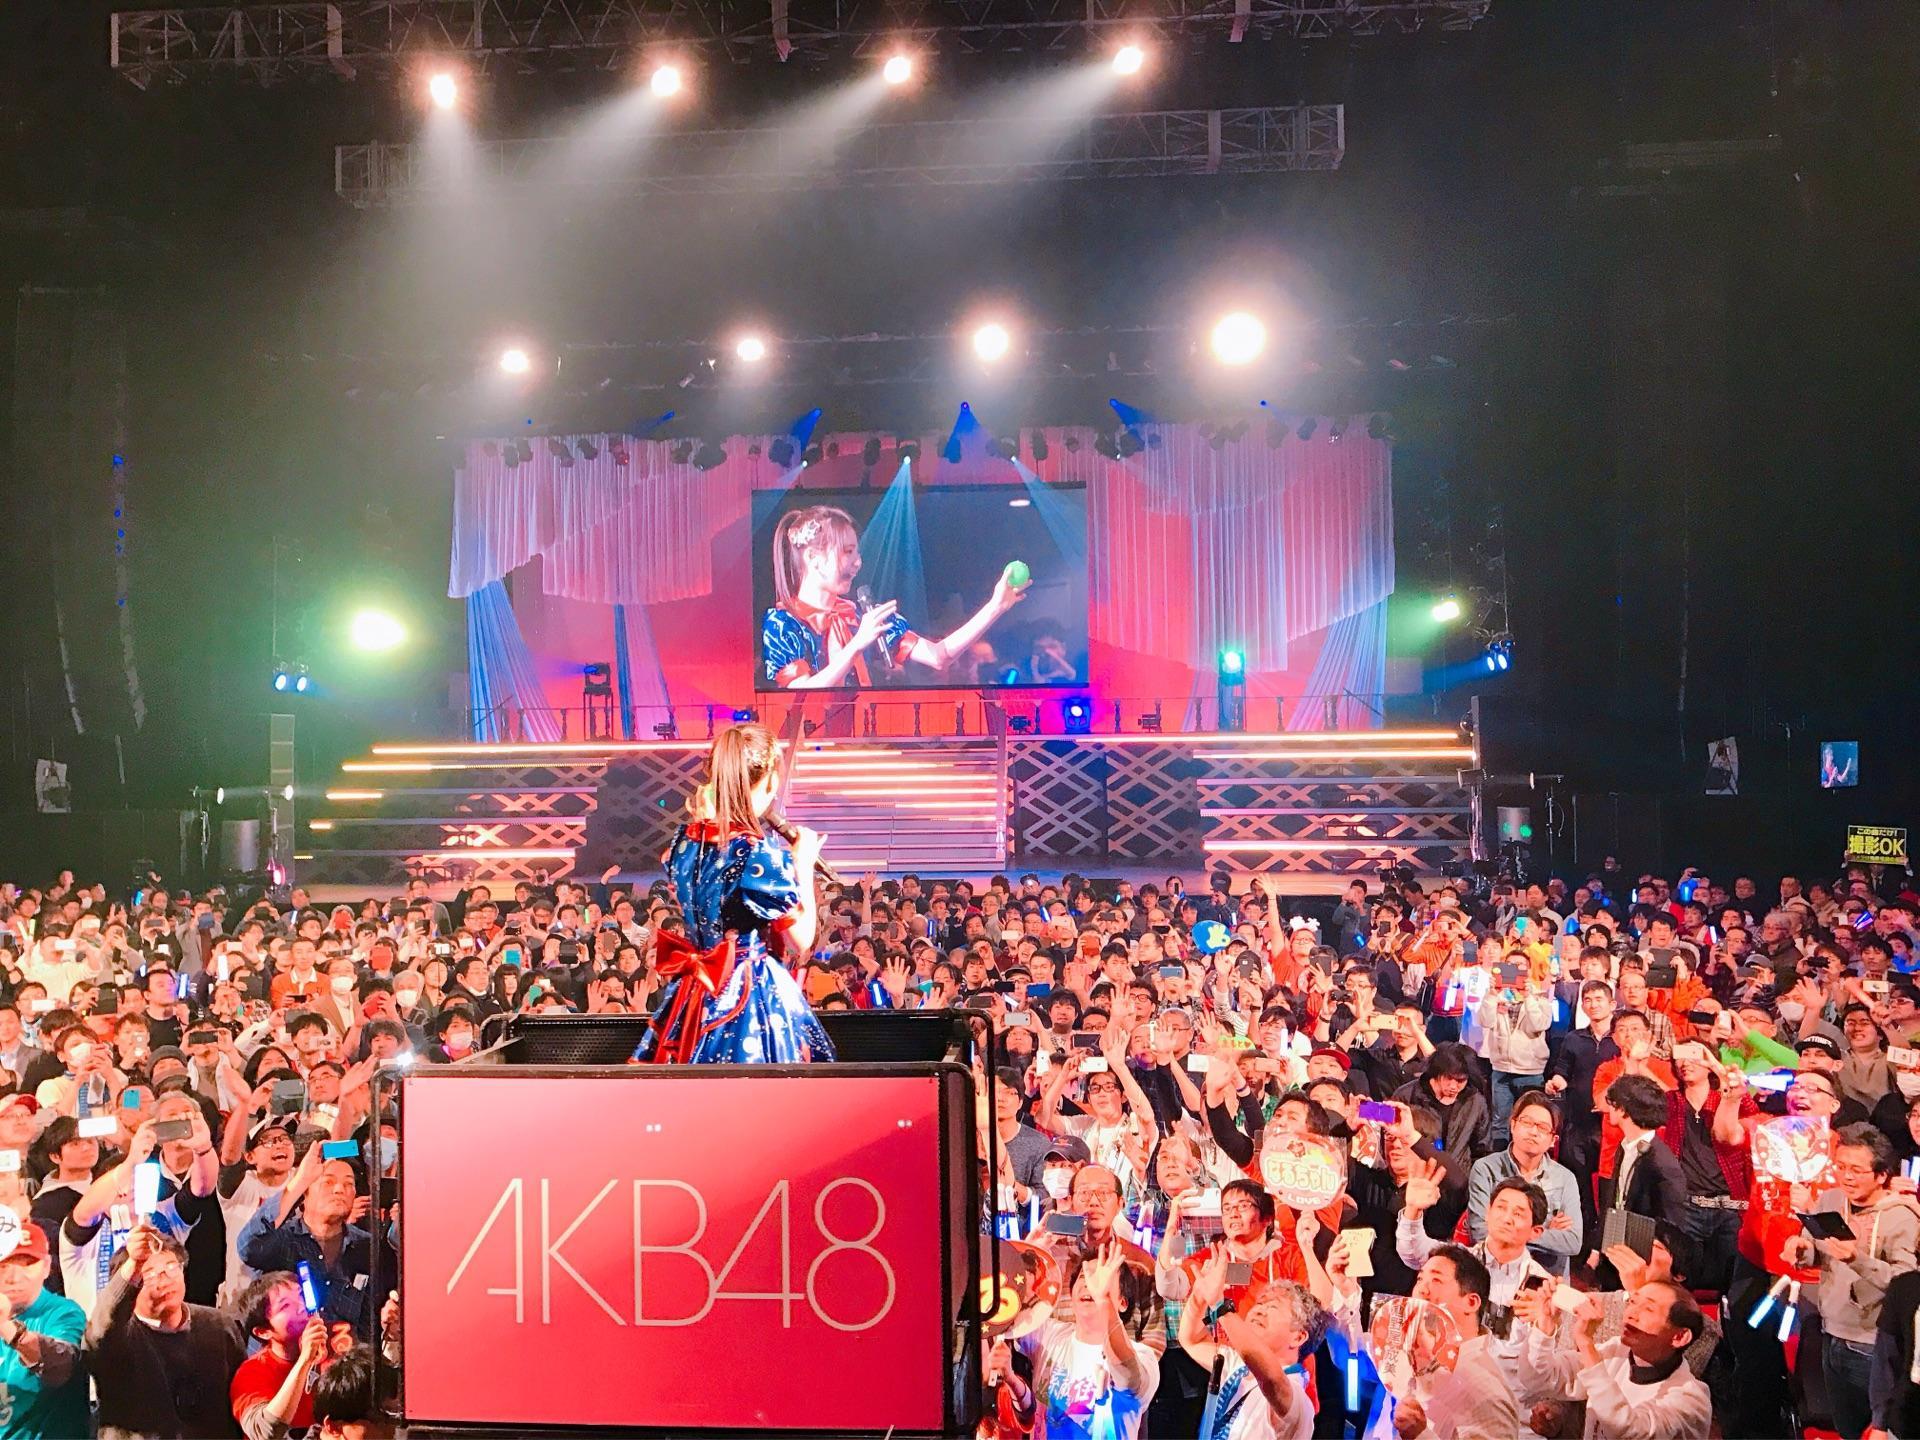 吉村 卓・出演ビデオのタイトルpart28 [無断転載禁止]©bbspink.com->画像>123枚